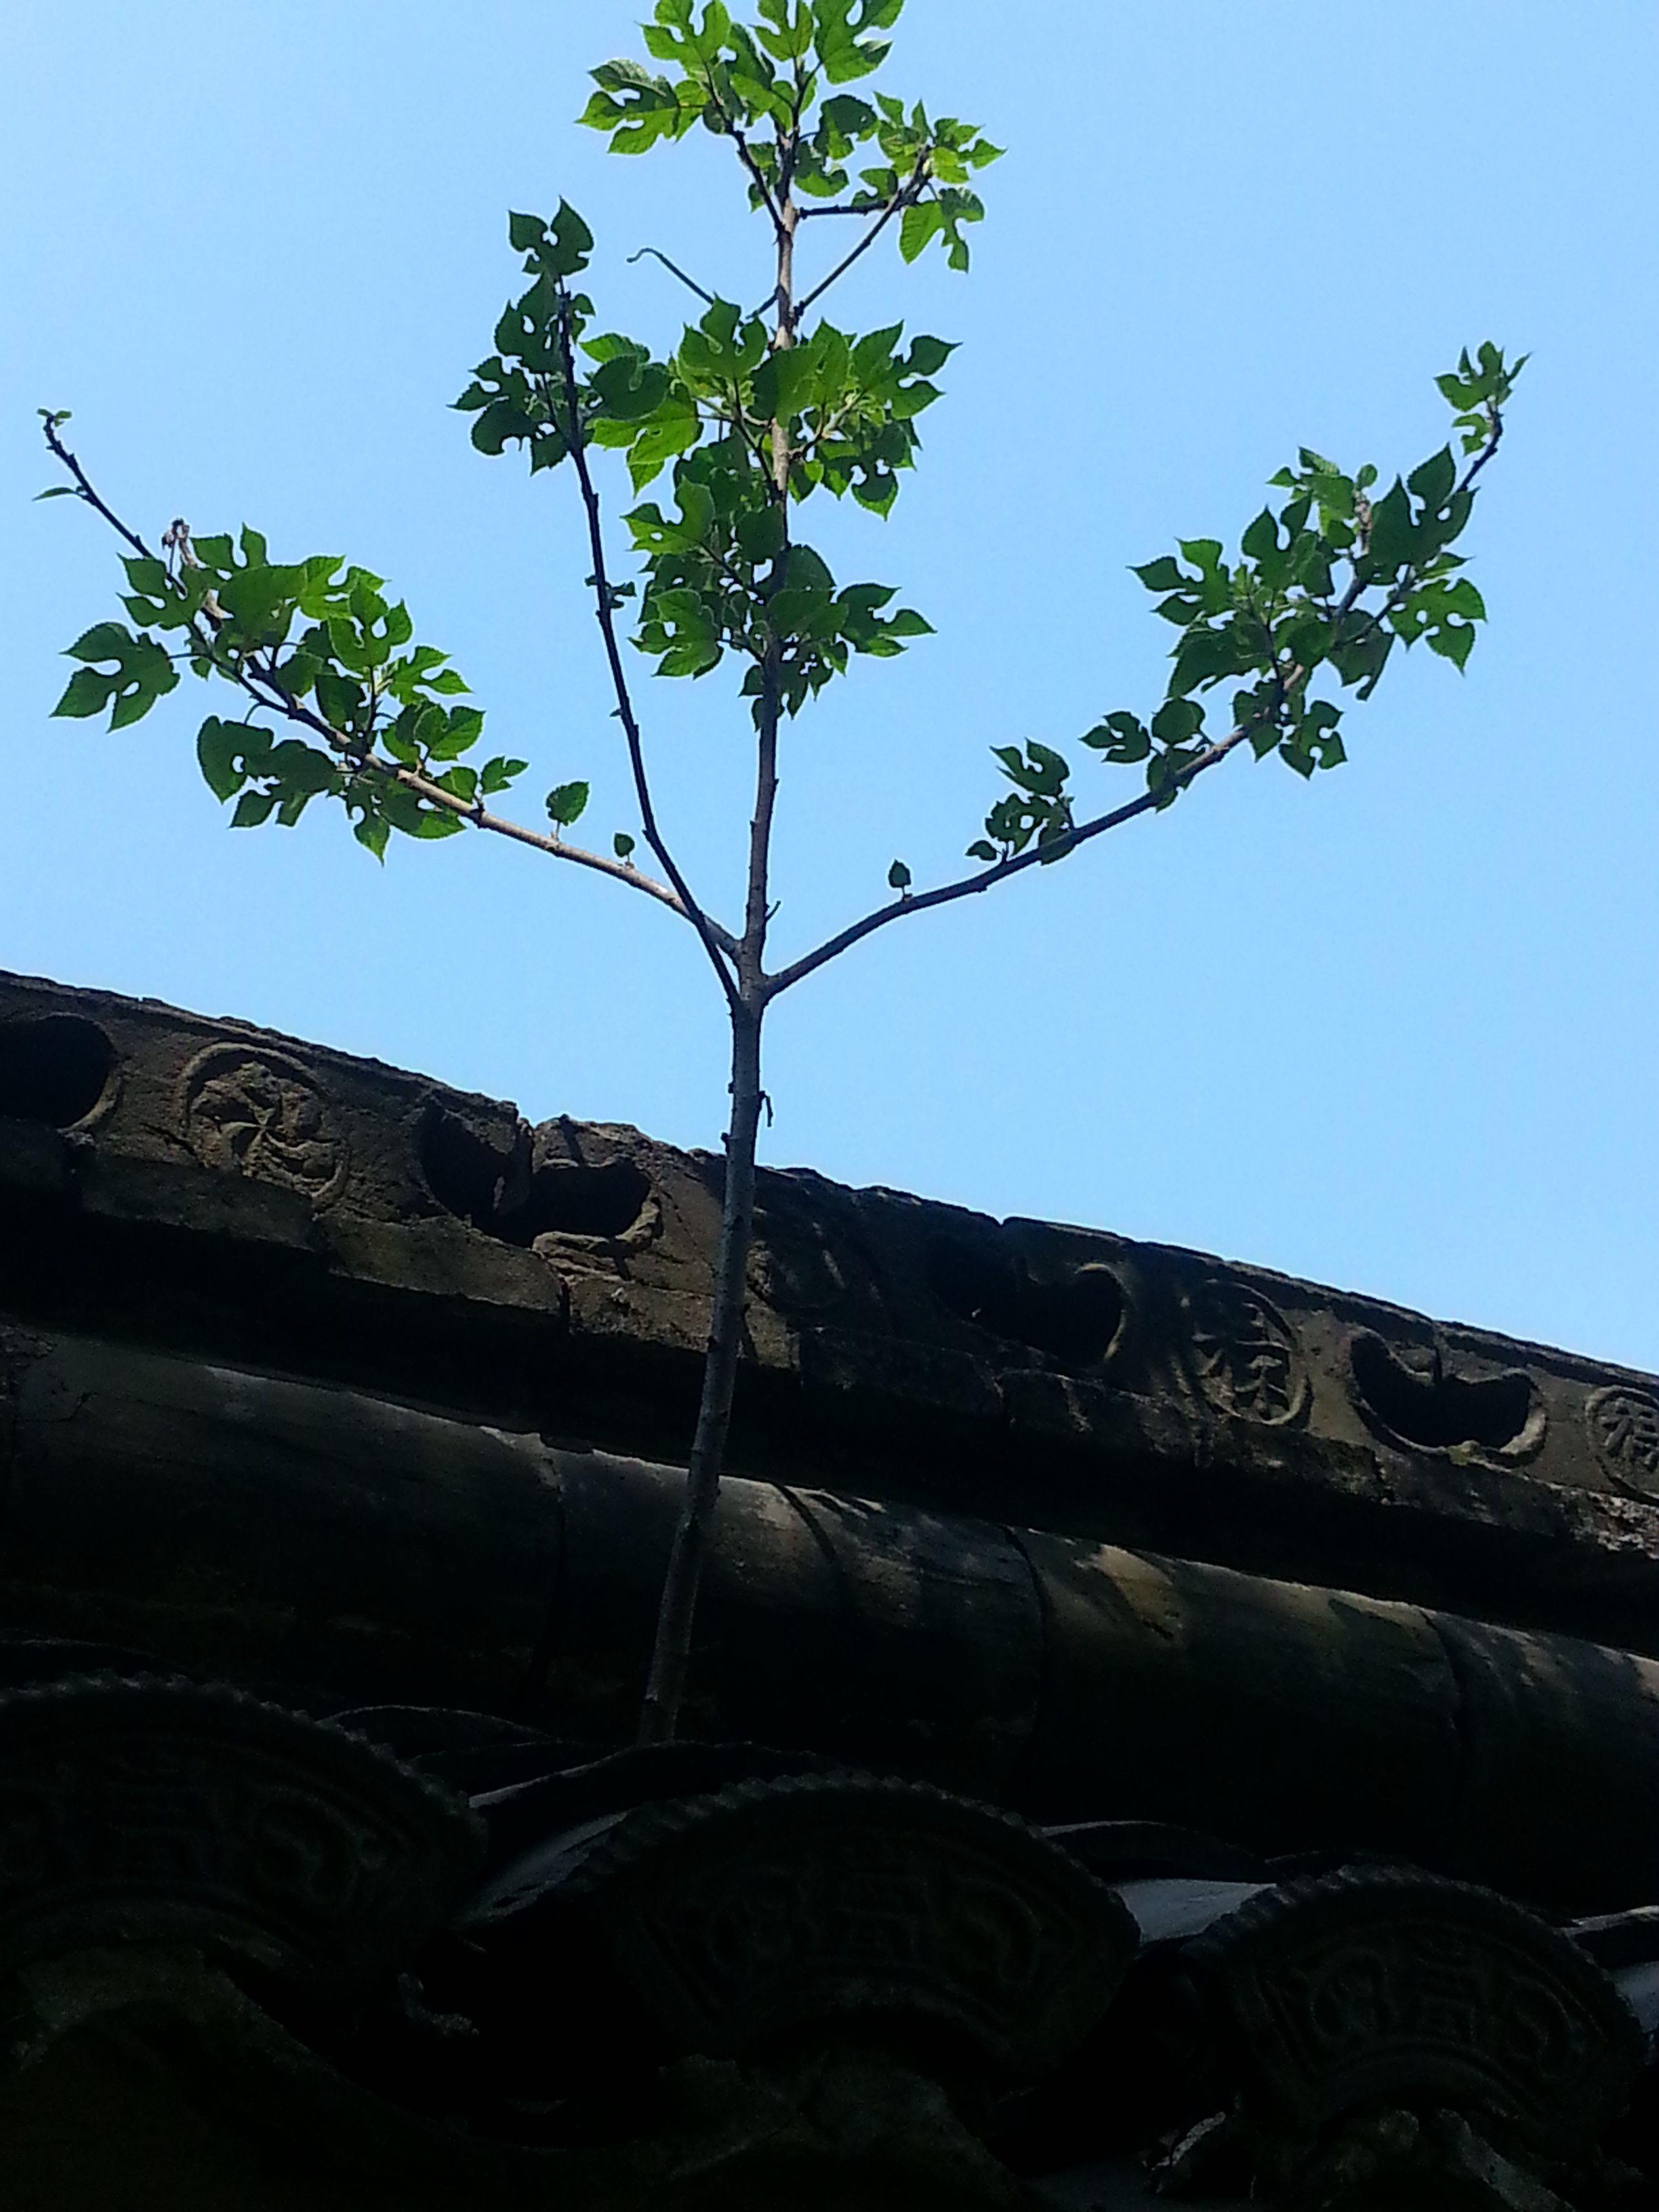 什么的树木_请问是什么植物,可以长成很大的树木_百度知道